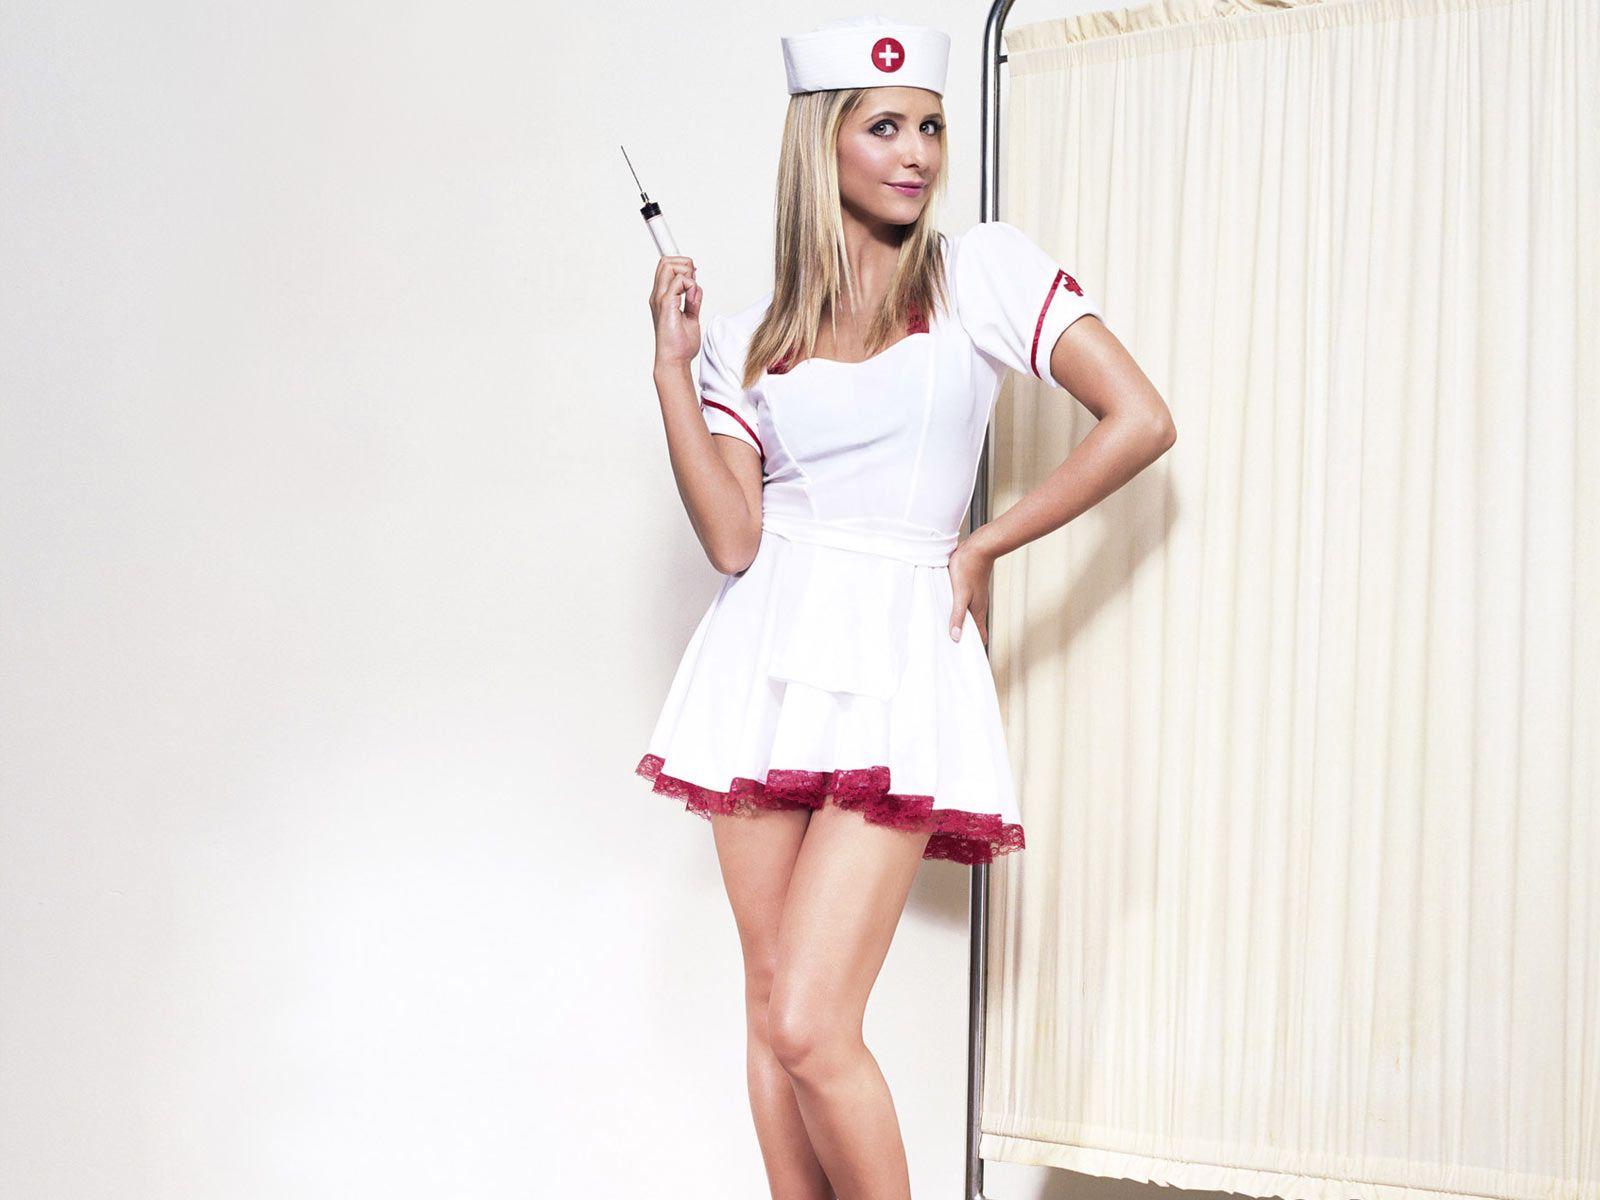 медсестра фото любительские